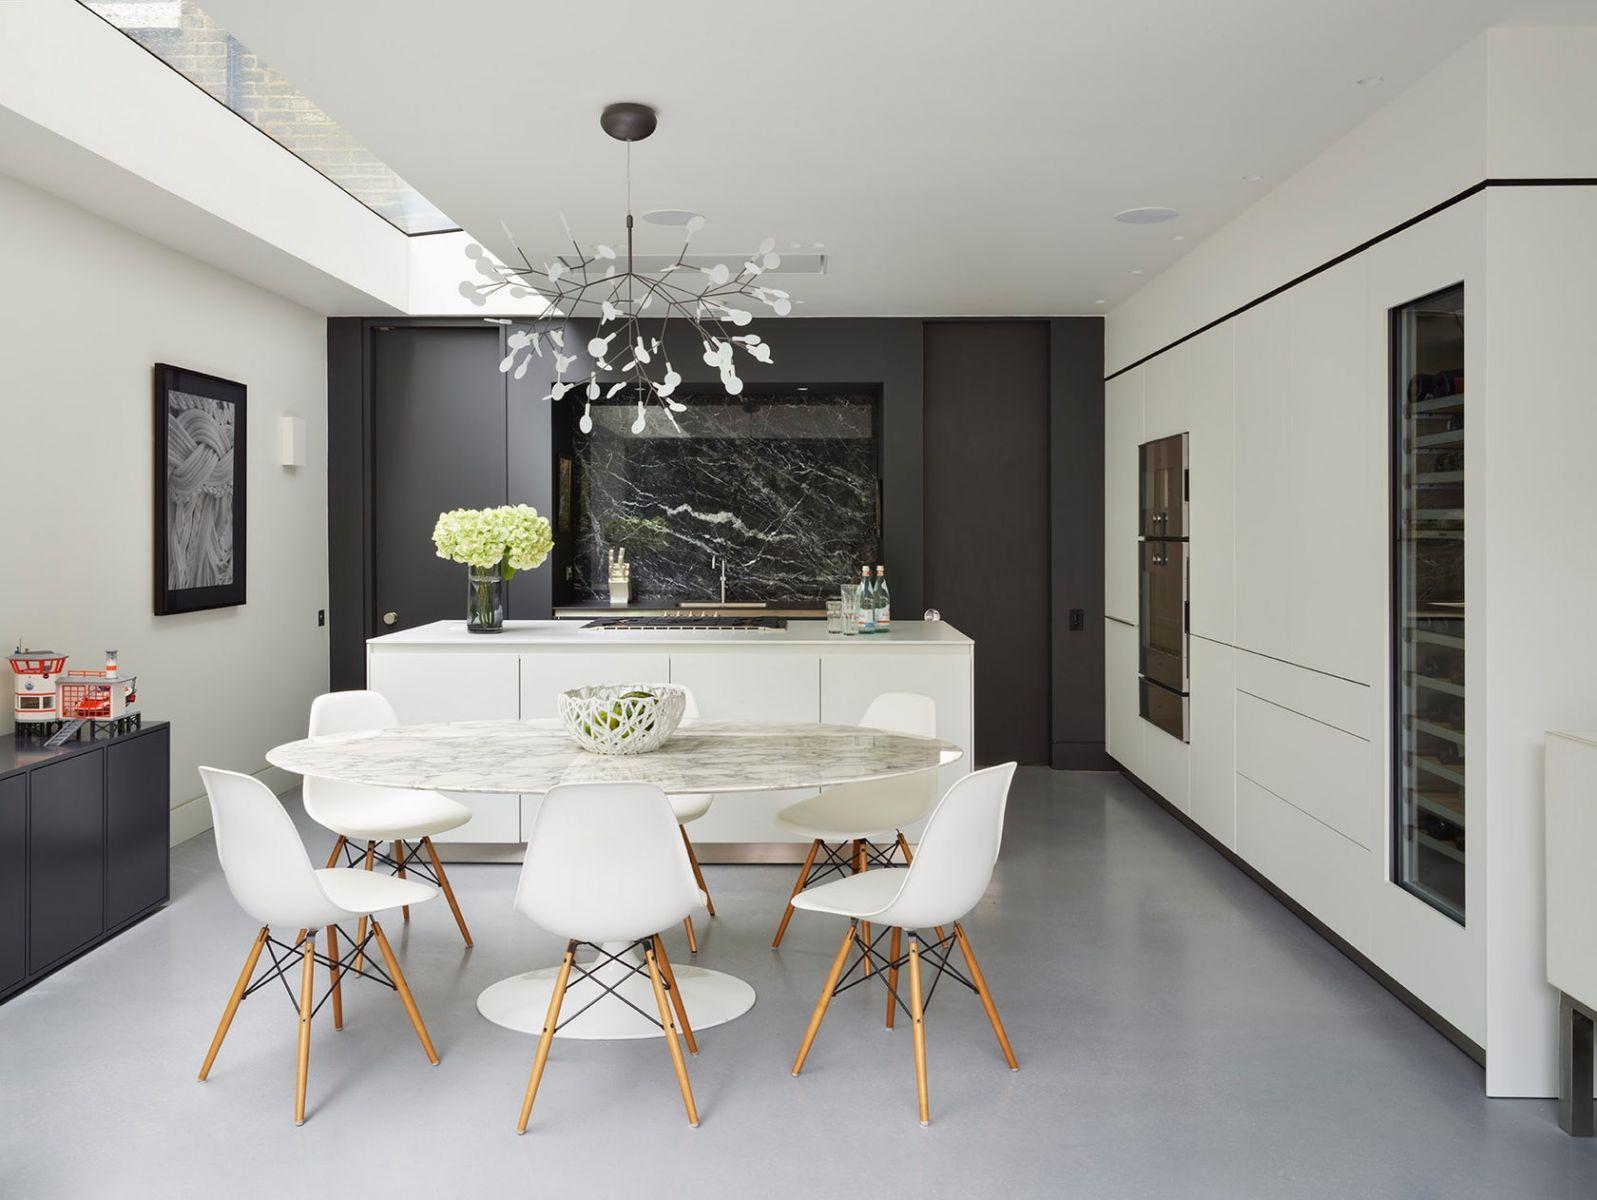 Những phong cách khác nhau của phòng bếp kiểu đương đại